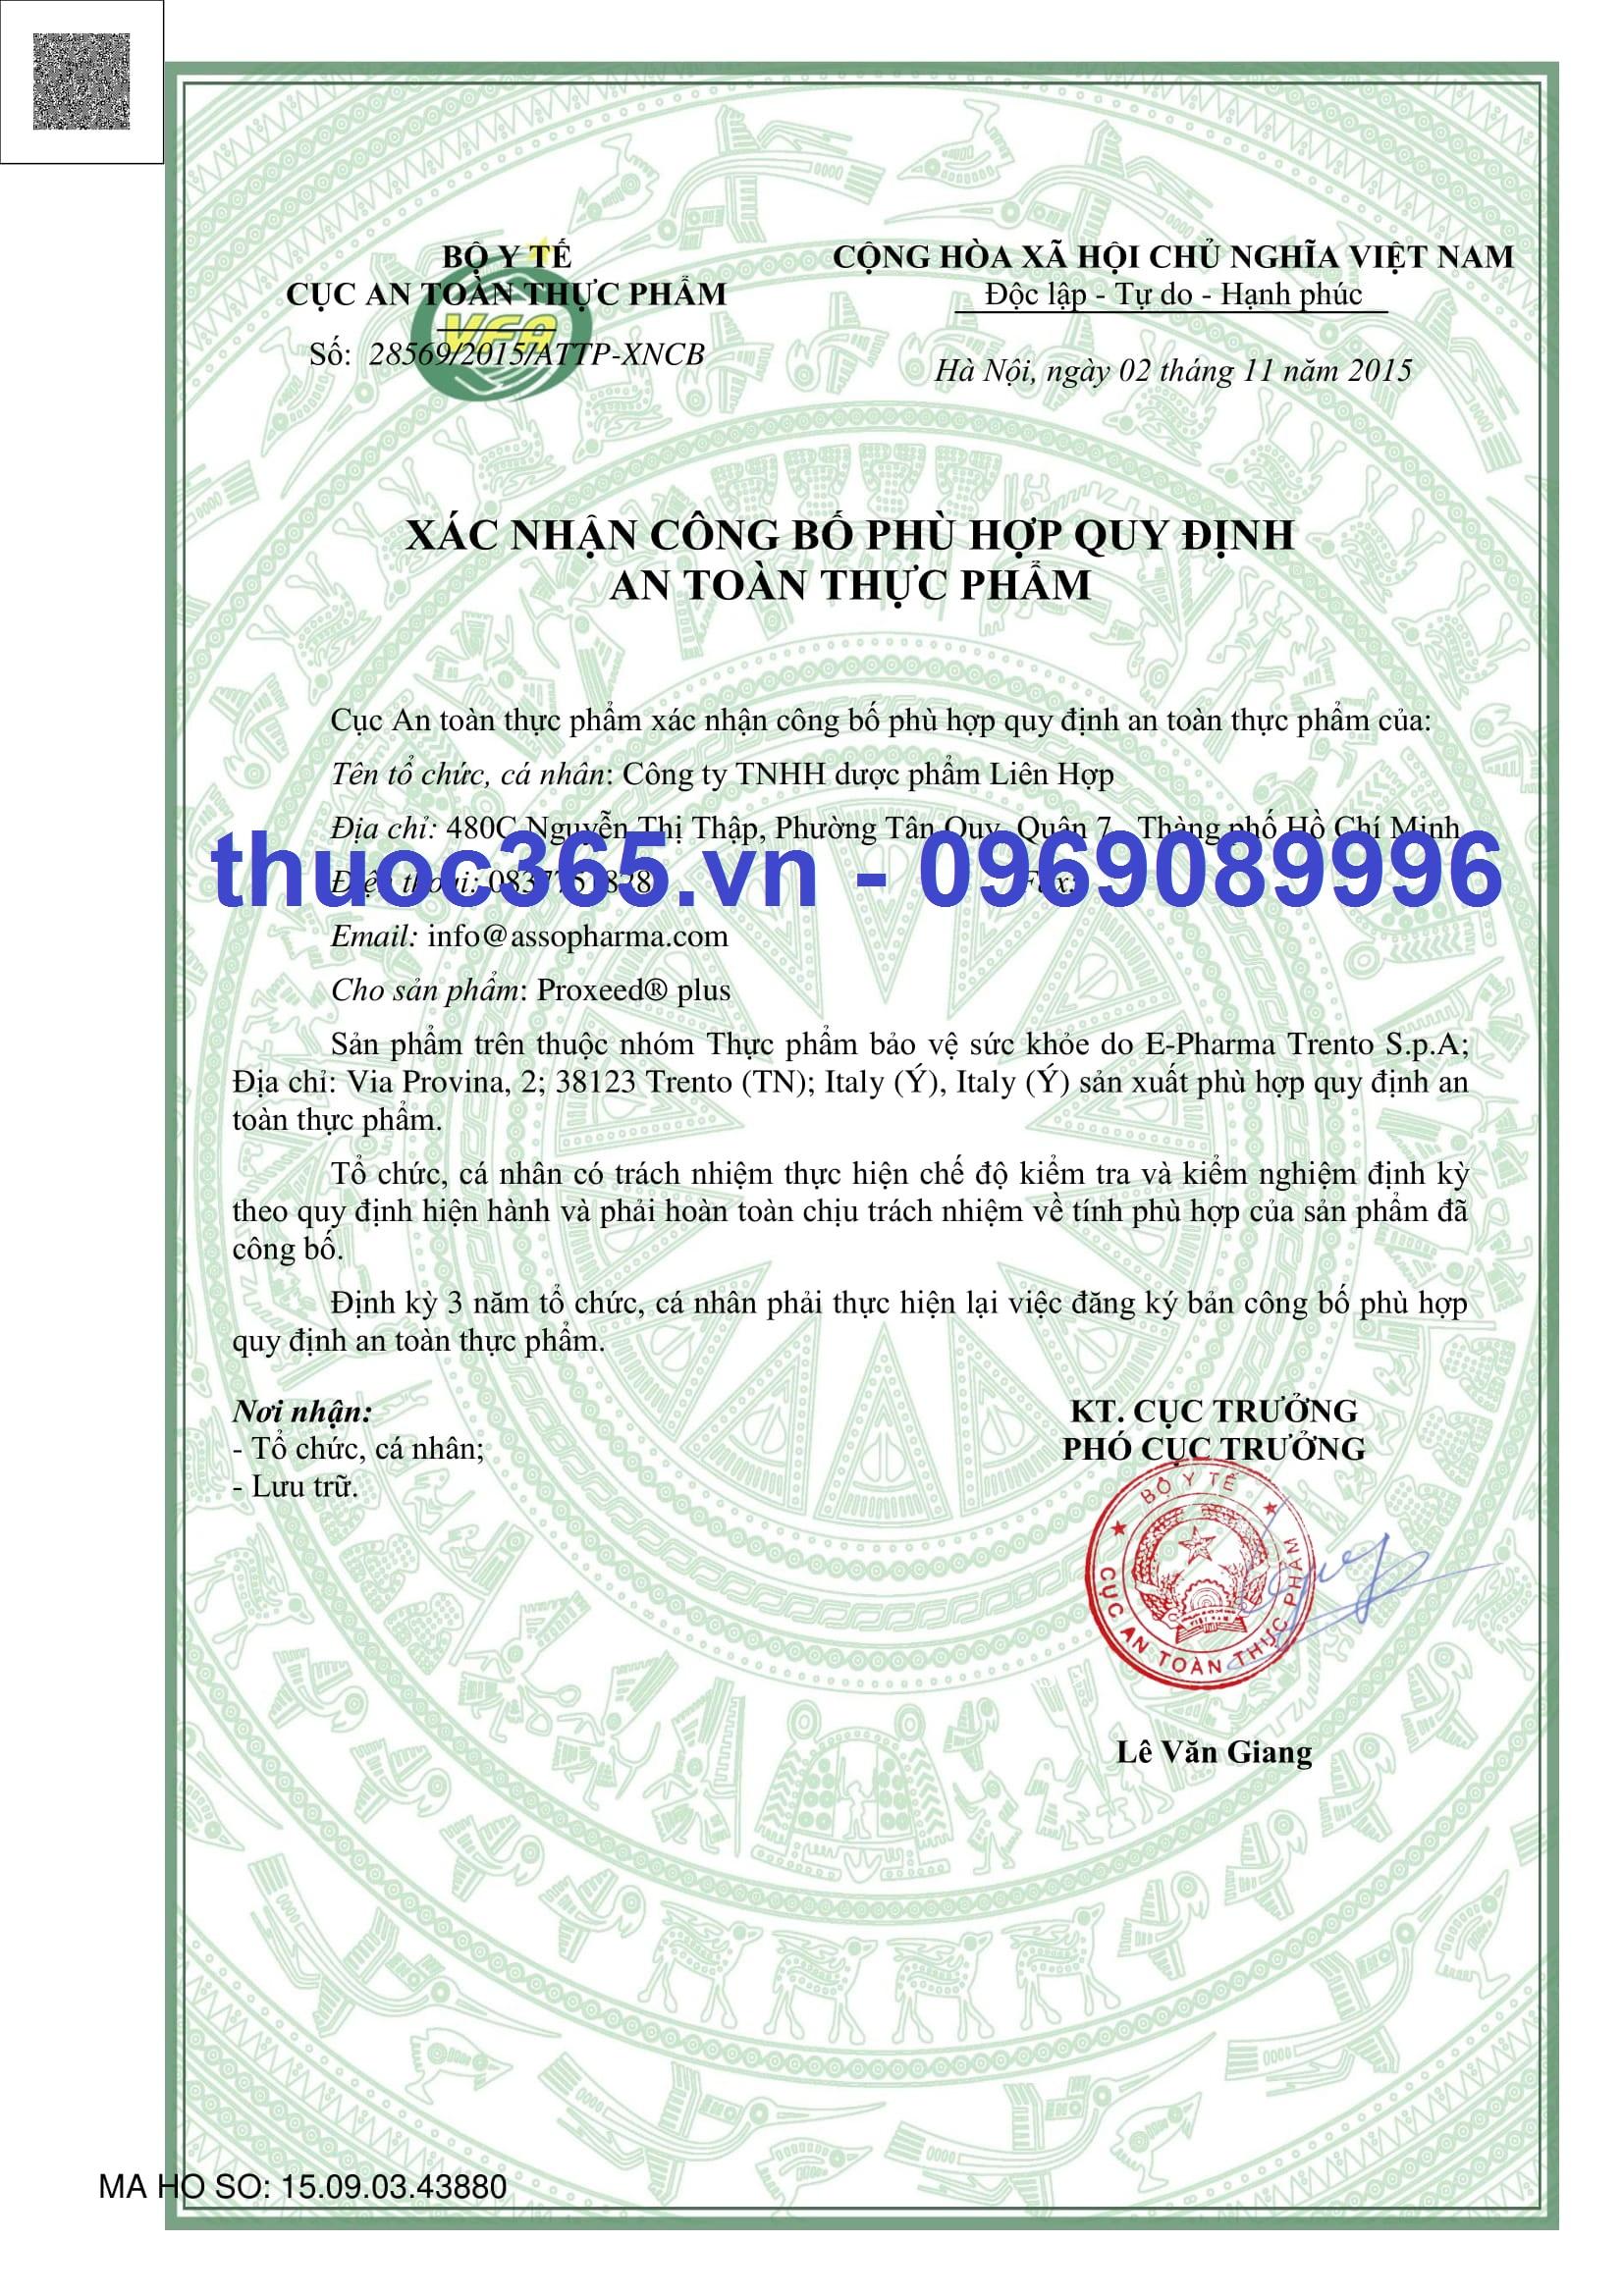 Xác nhận công bố sản proxeed plus tại Việt Nam